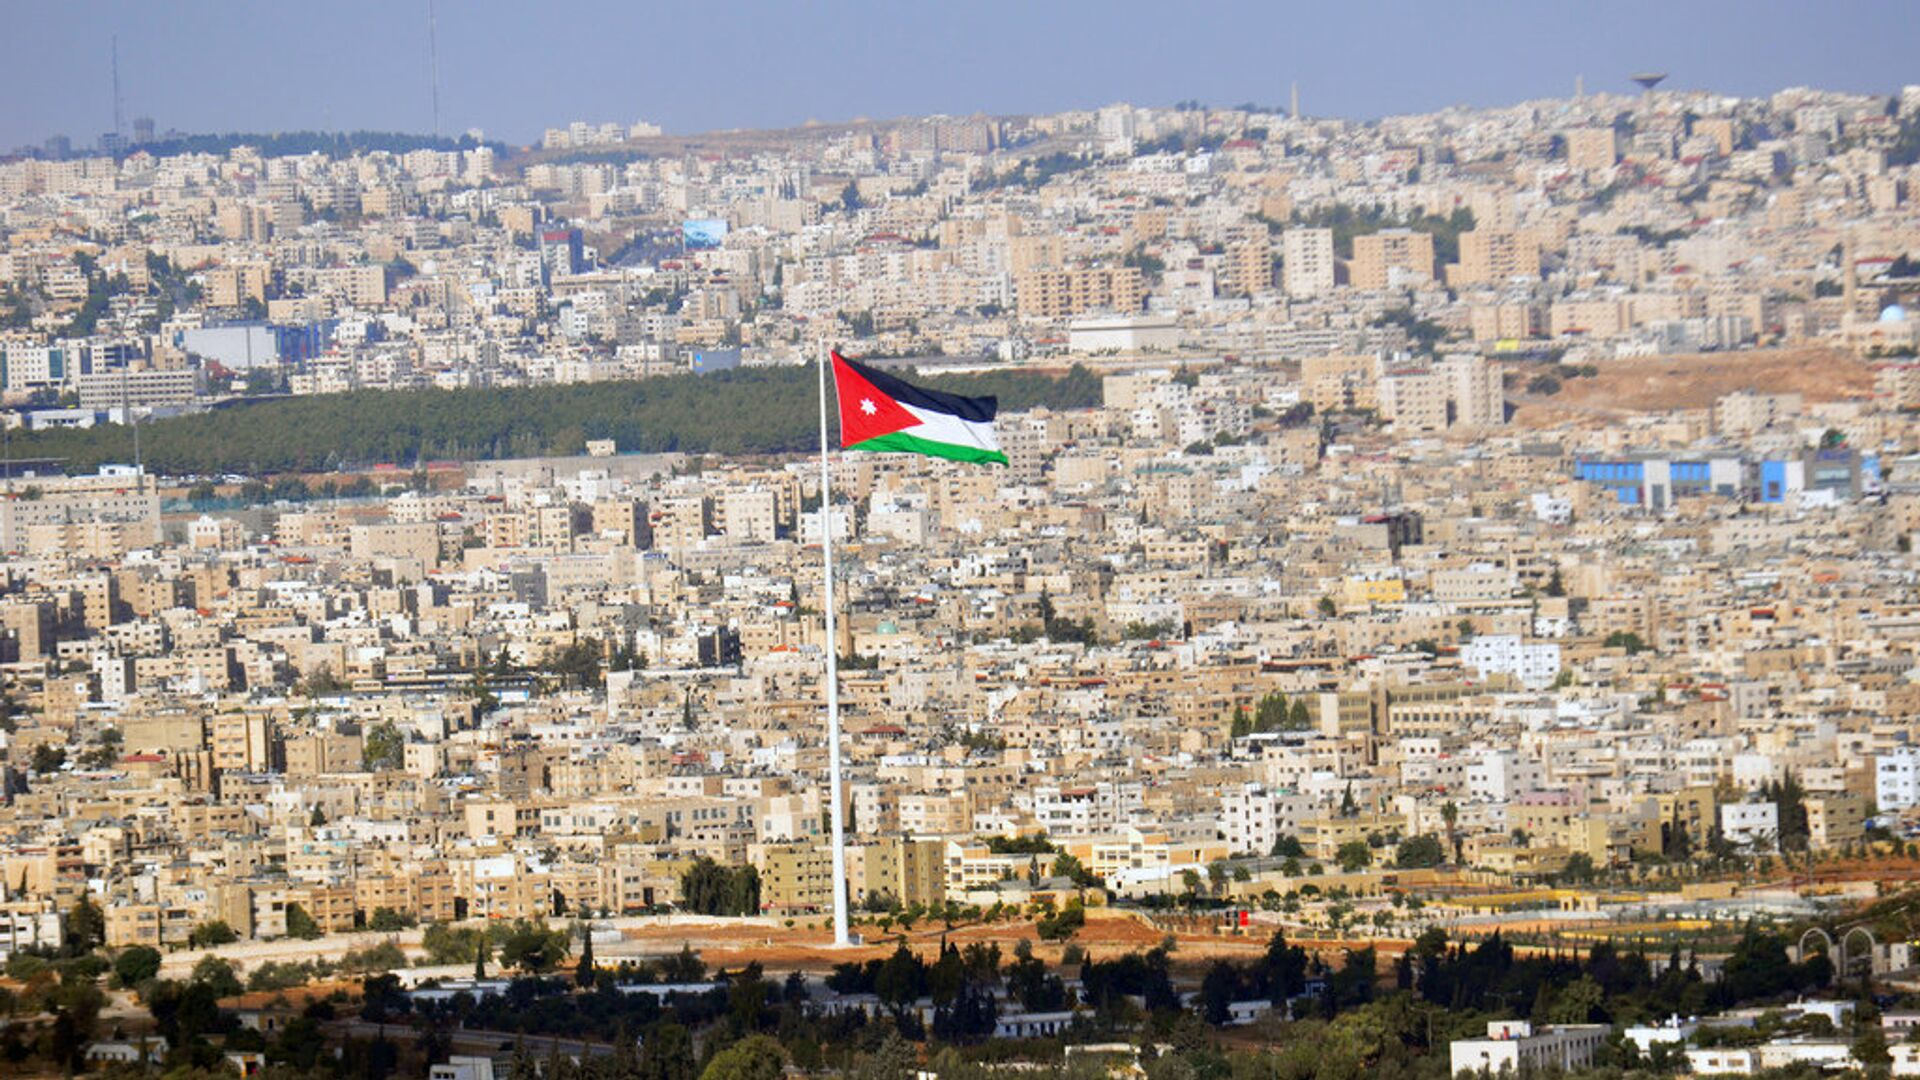 Вид на столицу Иордании Амман - РИА Новости, 1920, 14.09.2020